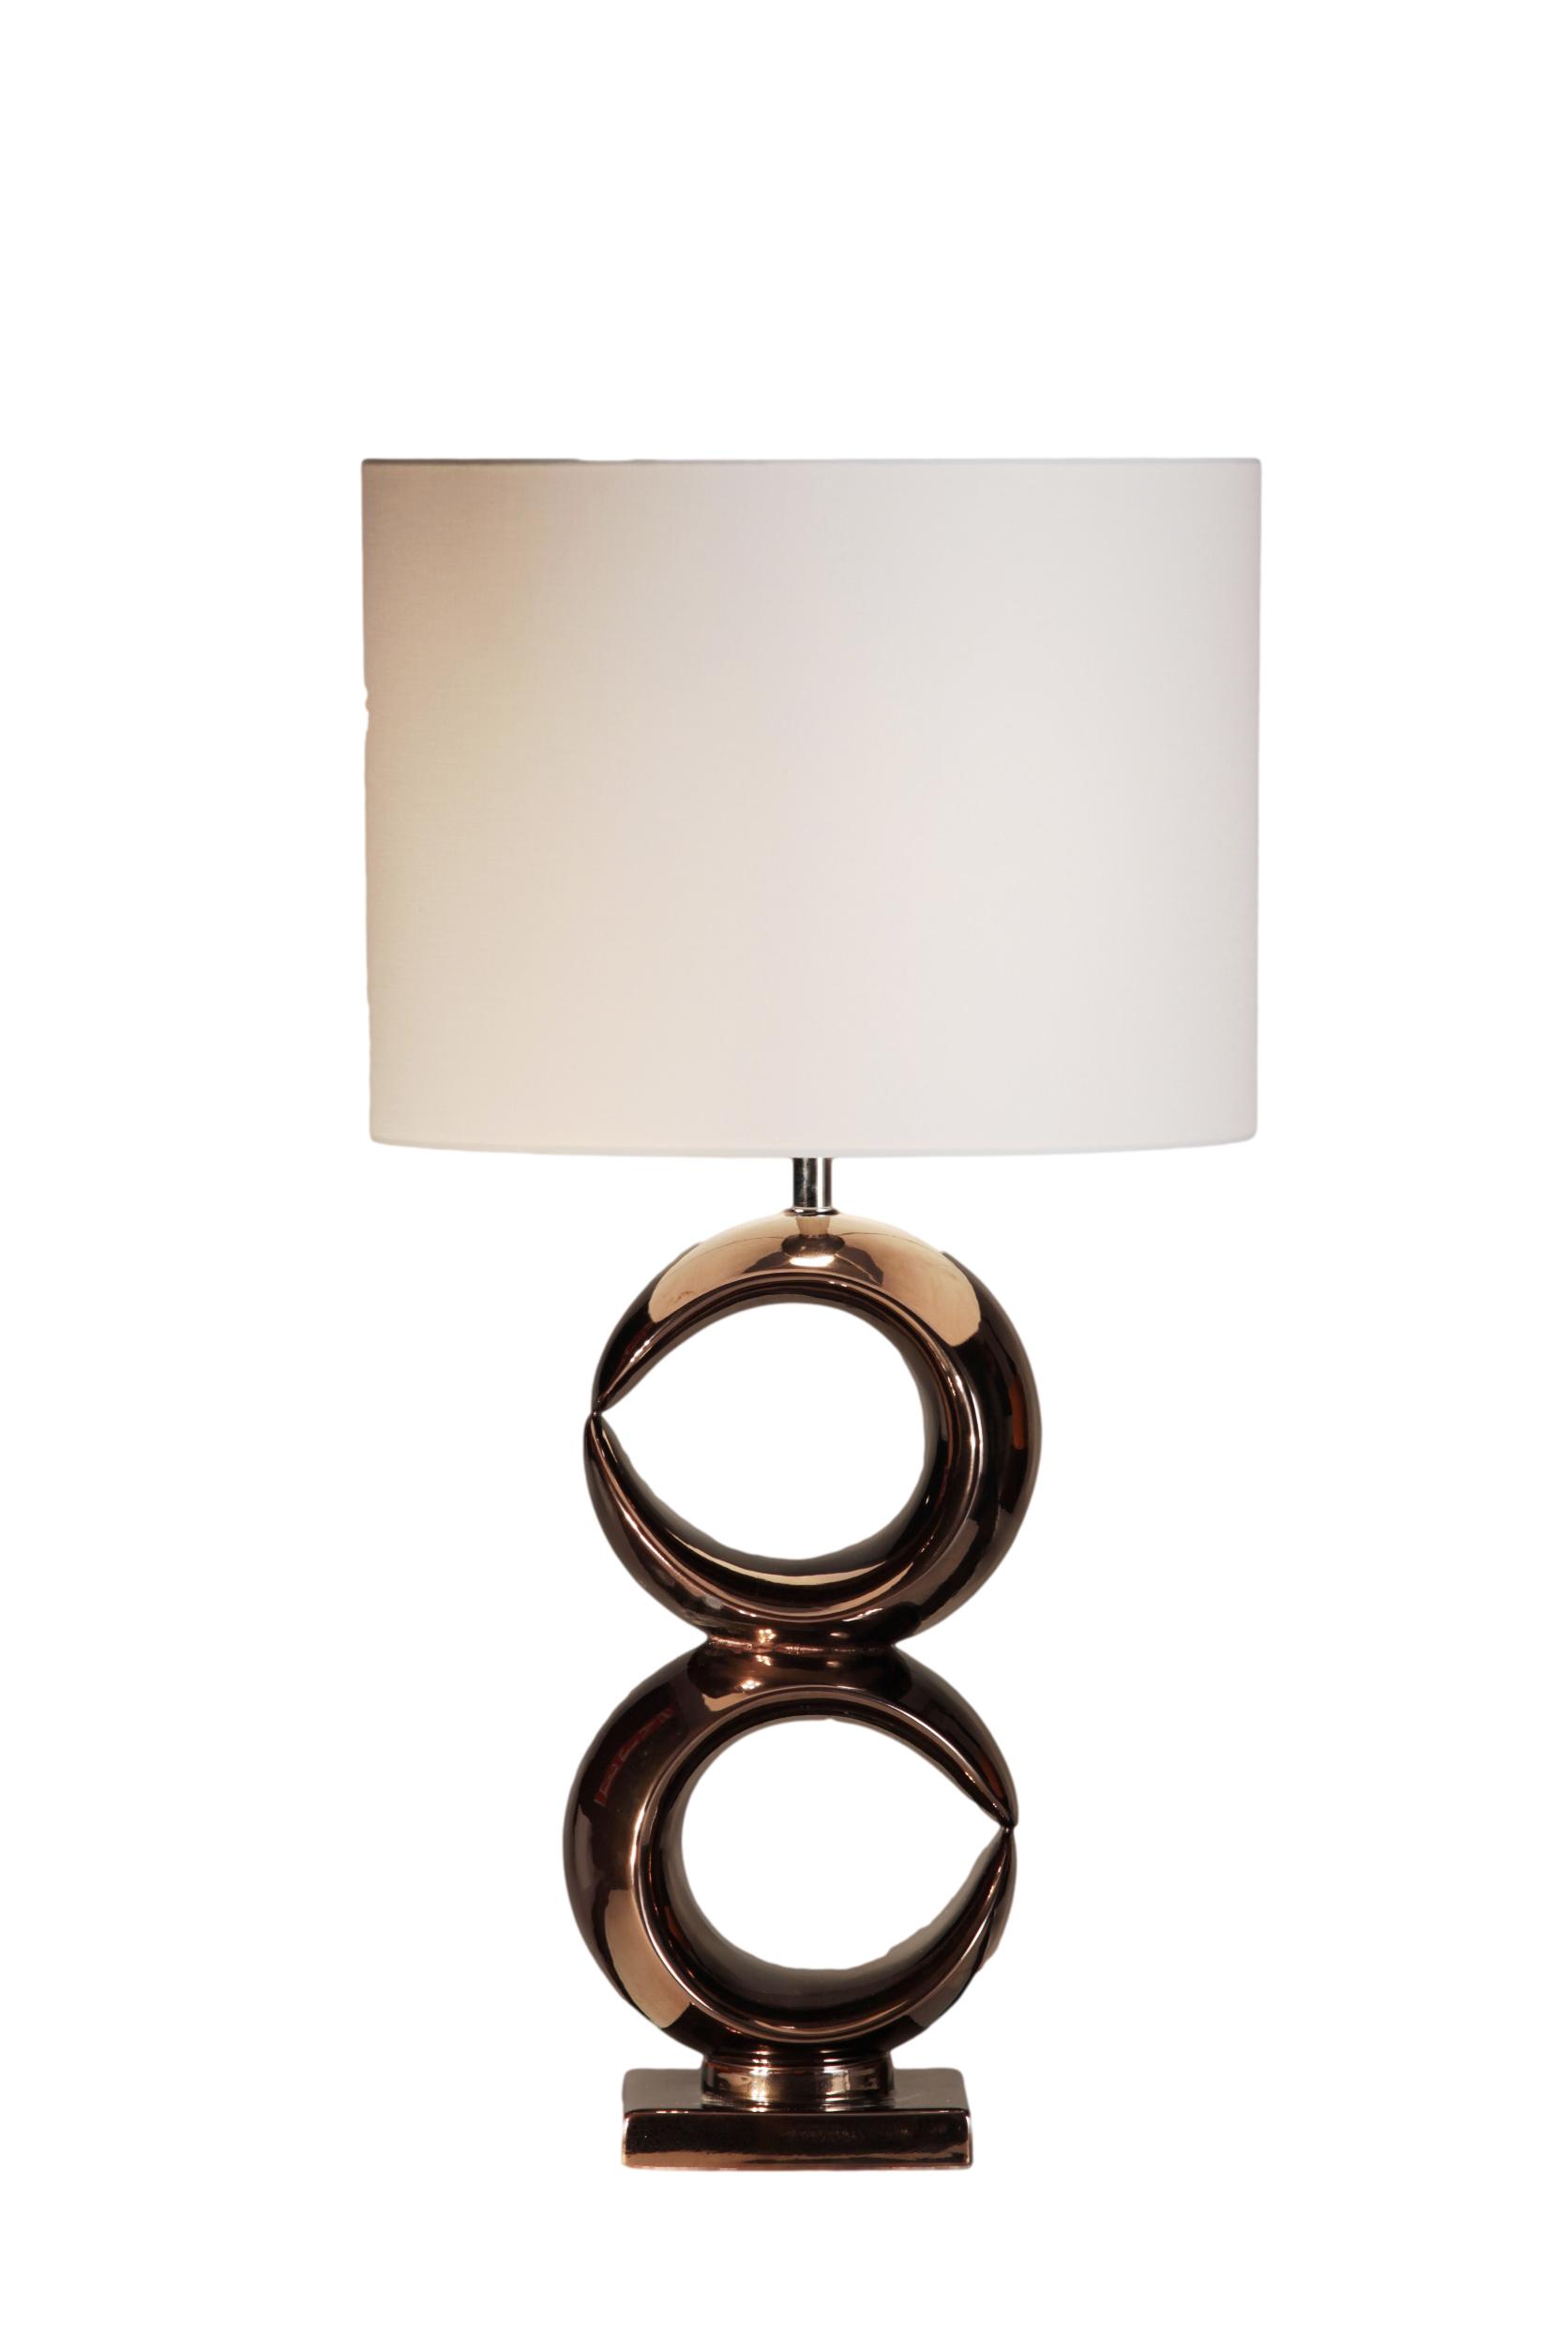 Stout Verlichting Collectie Sfeerfoto Tafellamp dubbel H49,5 cm